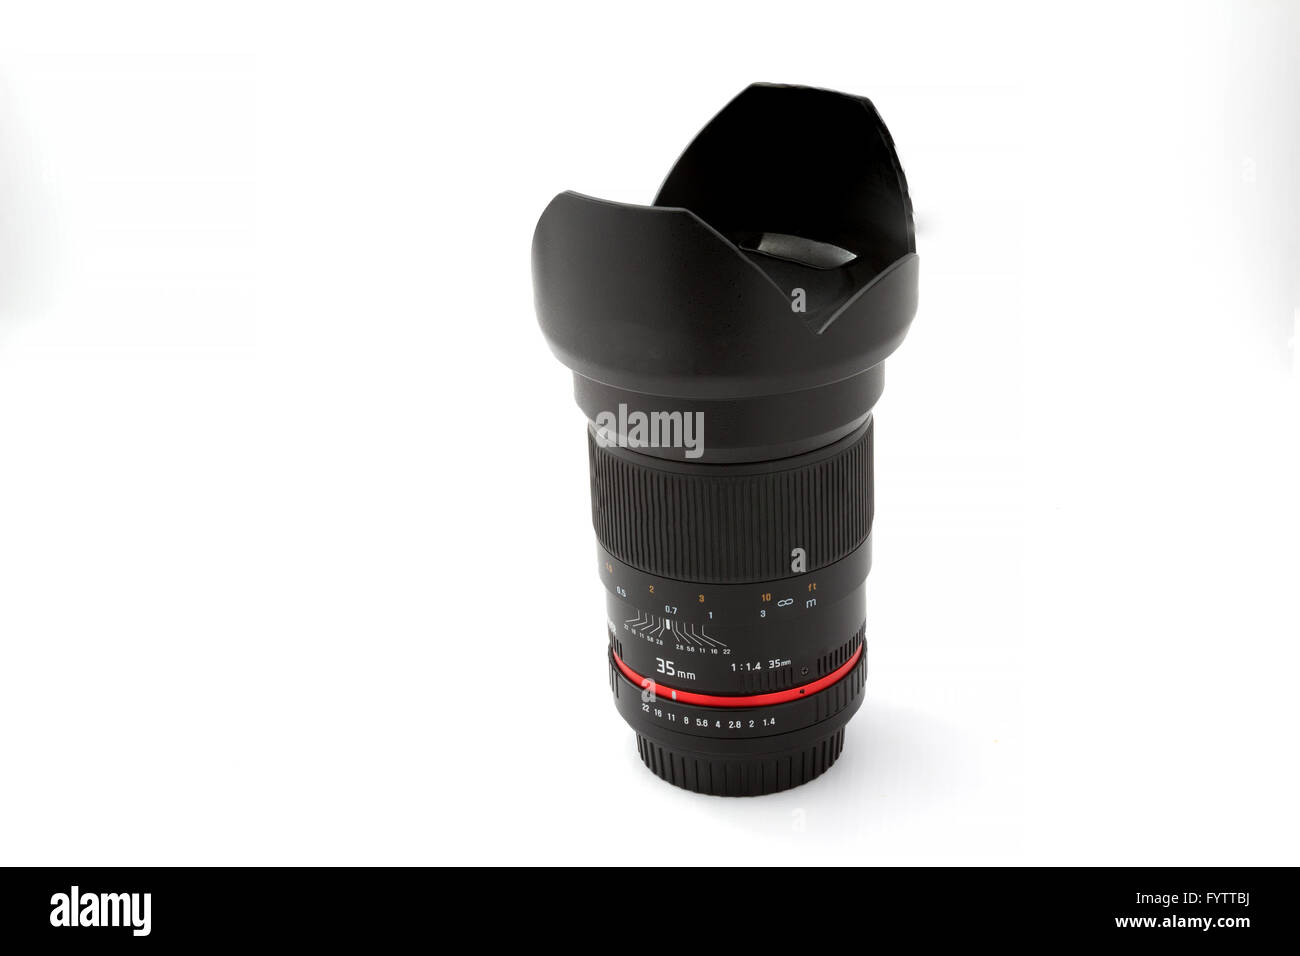 Lens for SLR camera - Stock Image